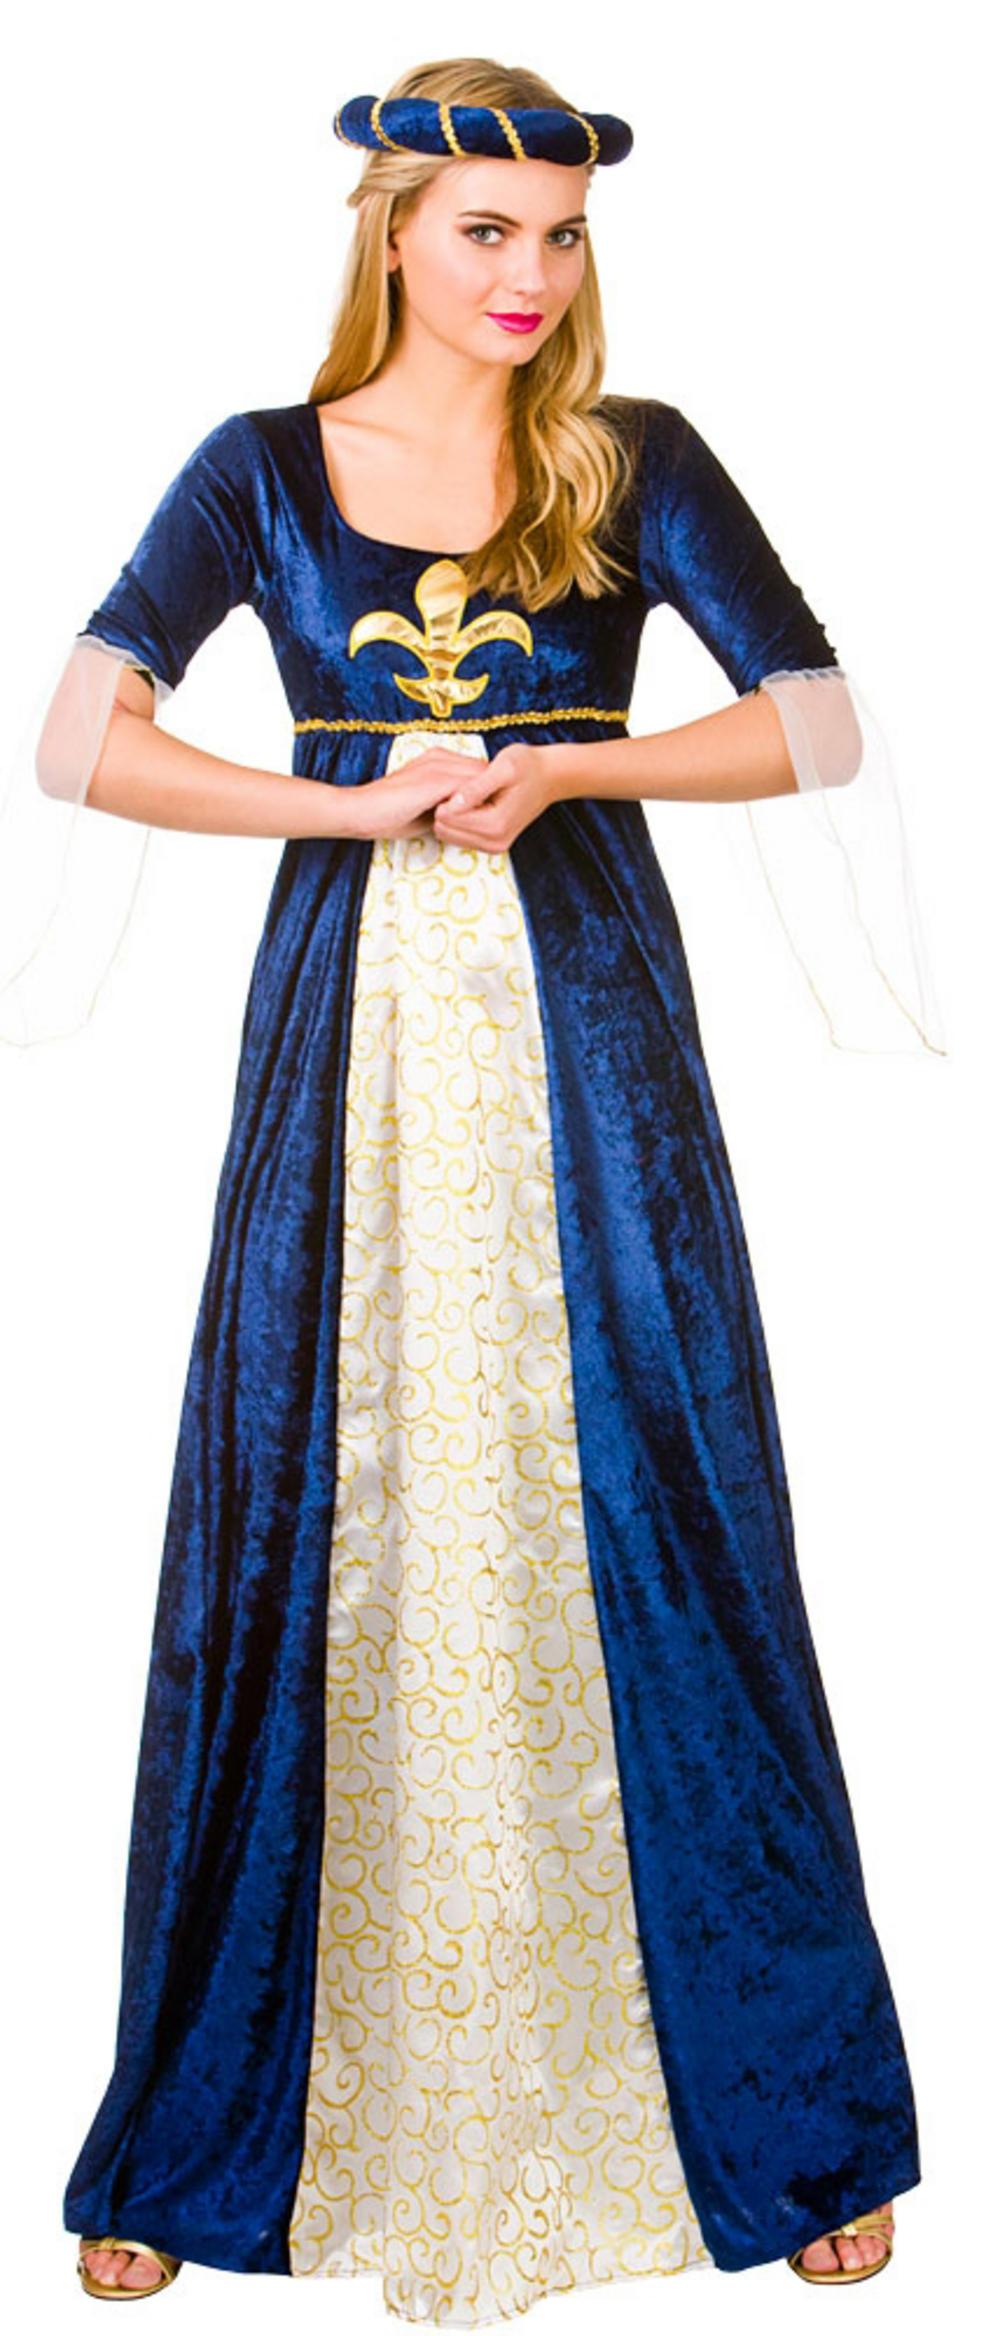 Ladies Medieval Maiden Costume